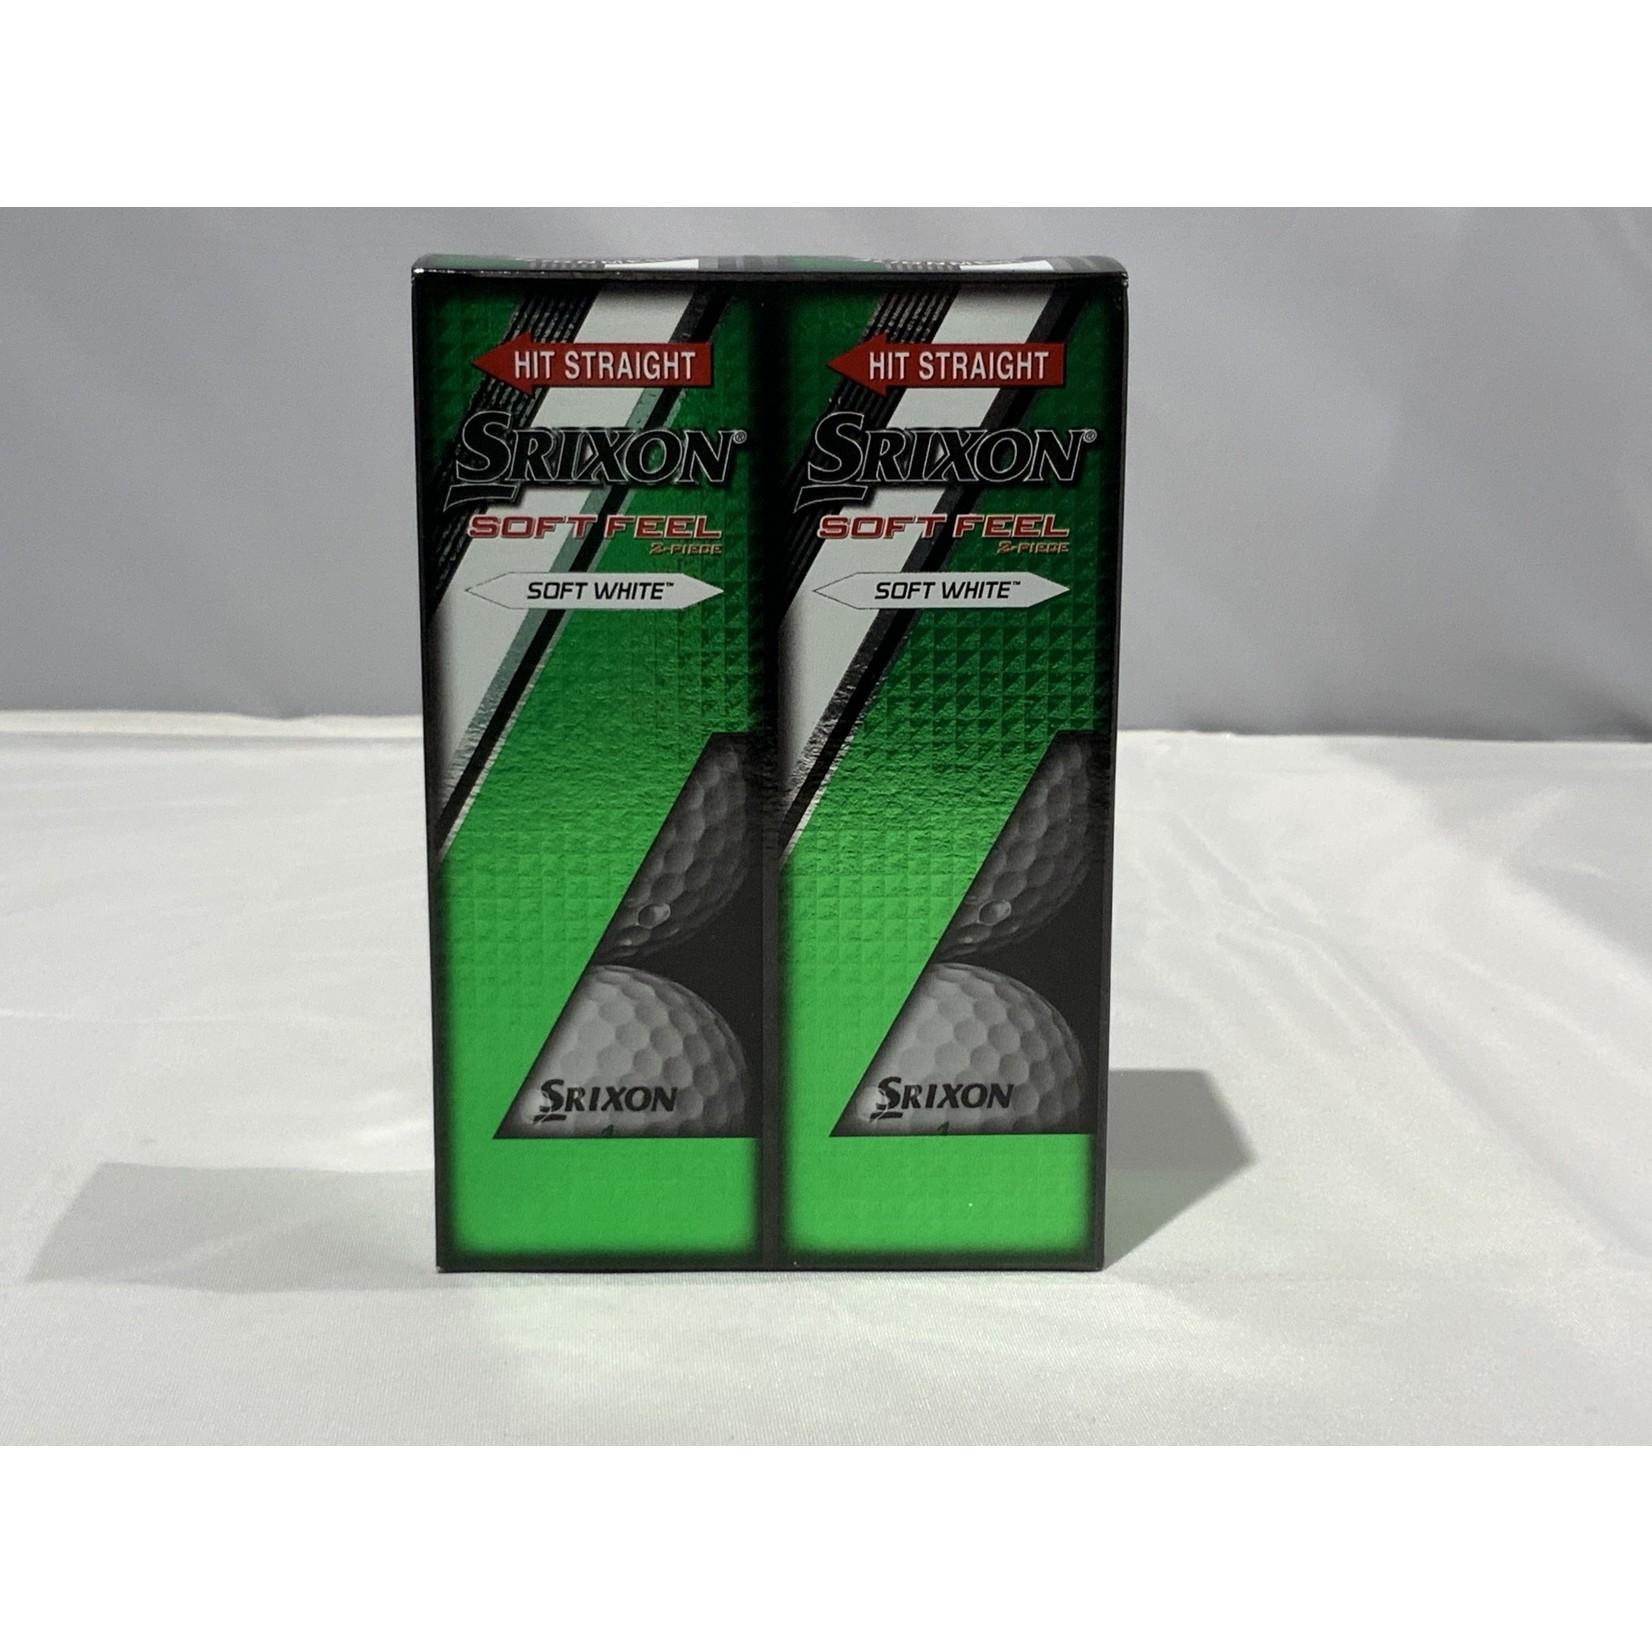 Srixon Srixon Soft Feel - 6 pack wit